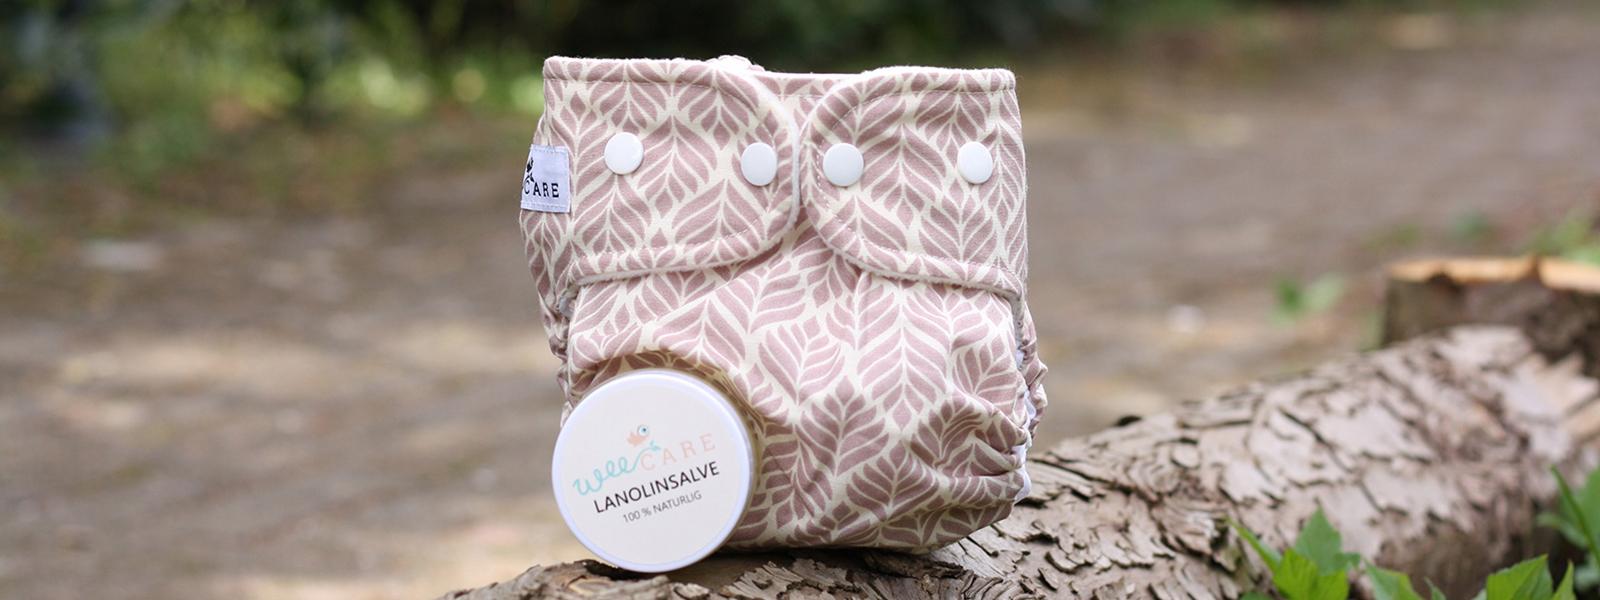 Lanolinsalve og moderne stofble fra WeeCare - Genanvendelige produkter